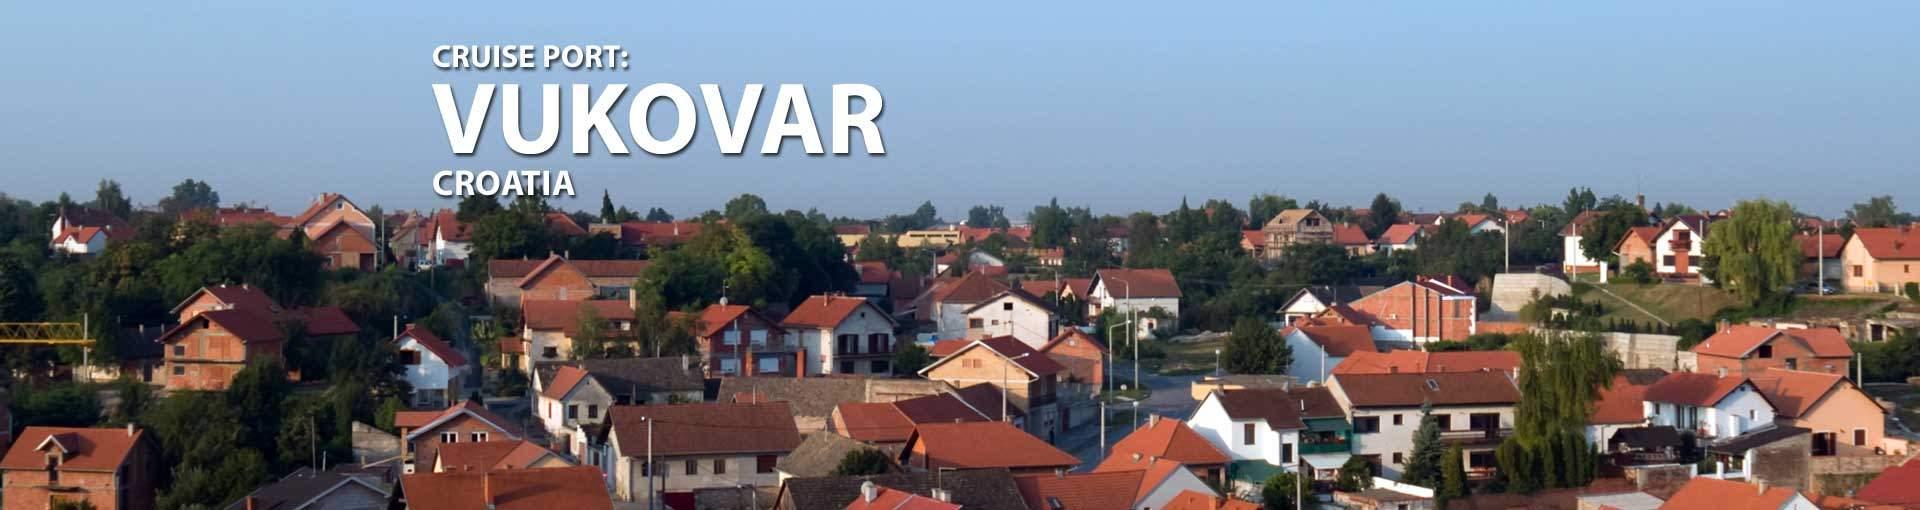 Cruises to Vukovar, Croatia